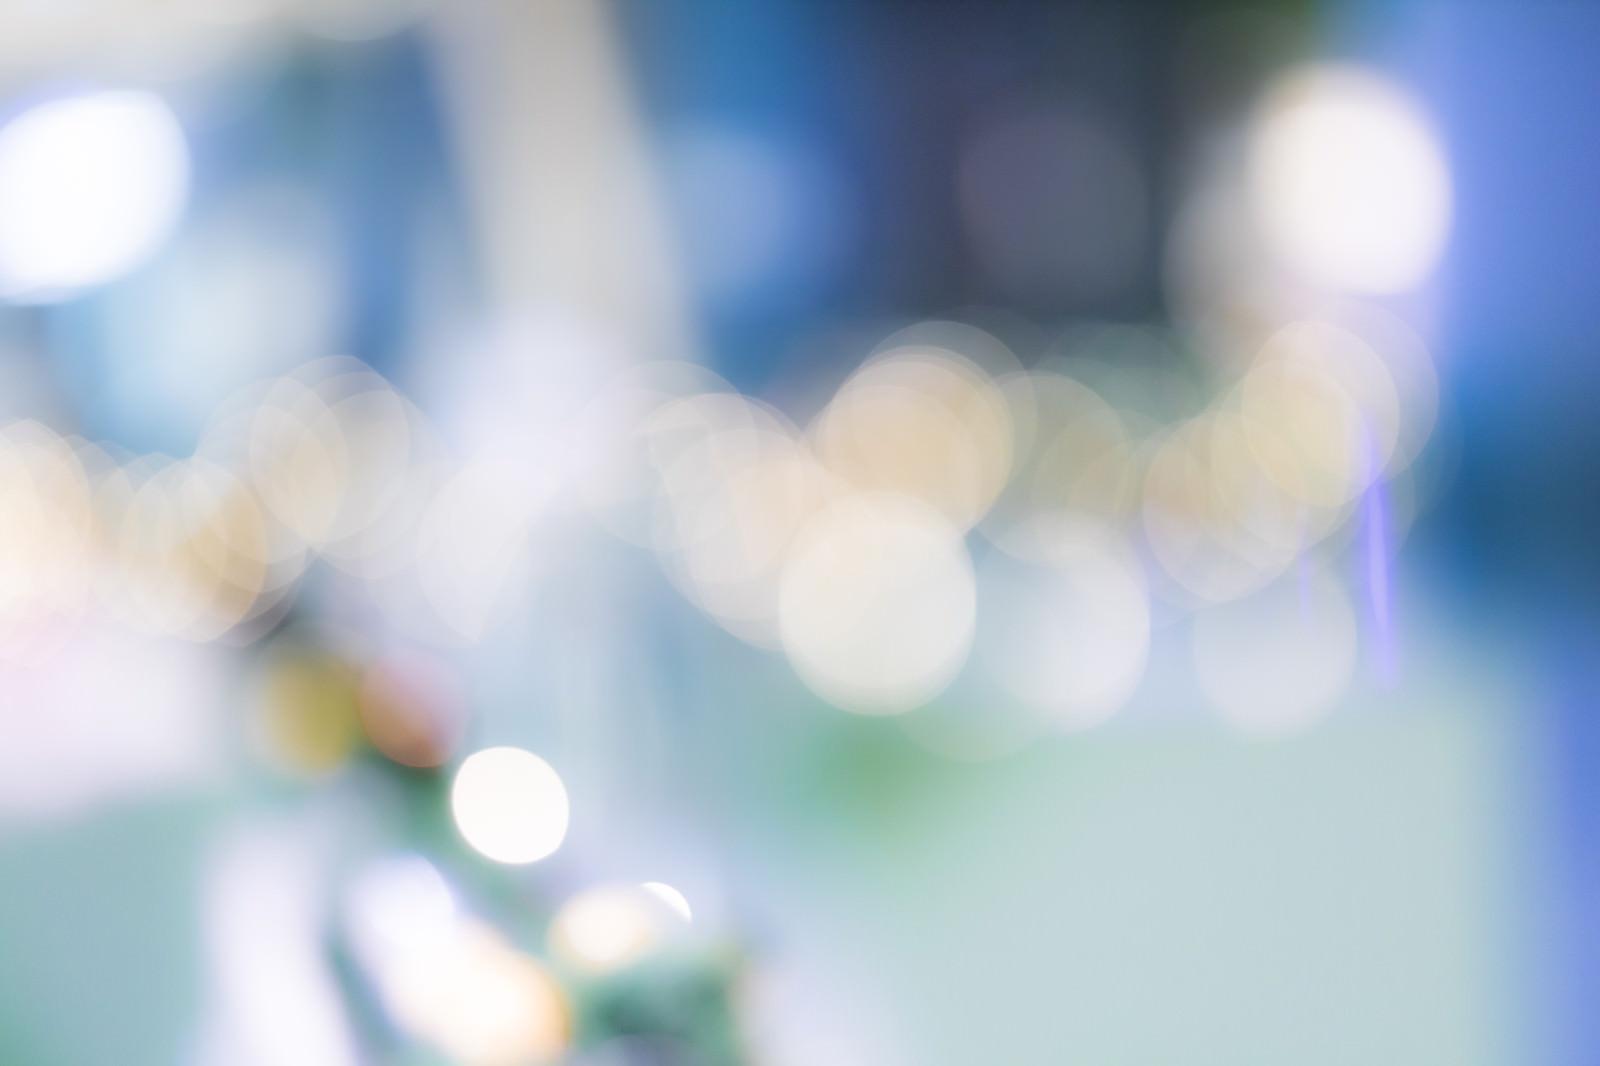 「電飾のボケ味」の写真